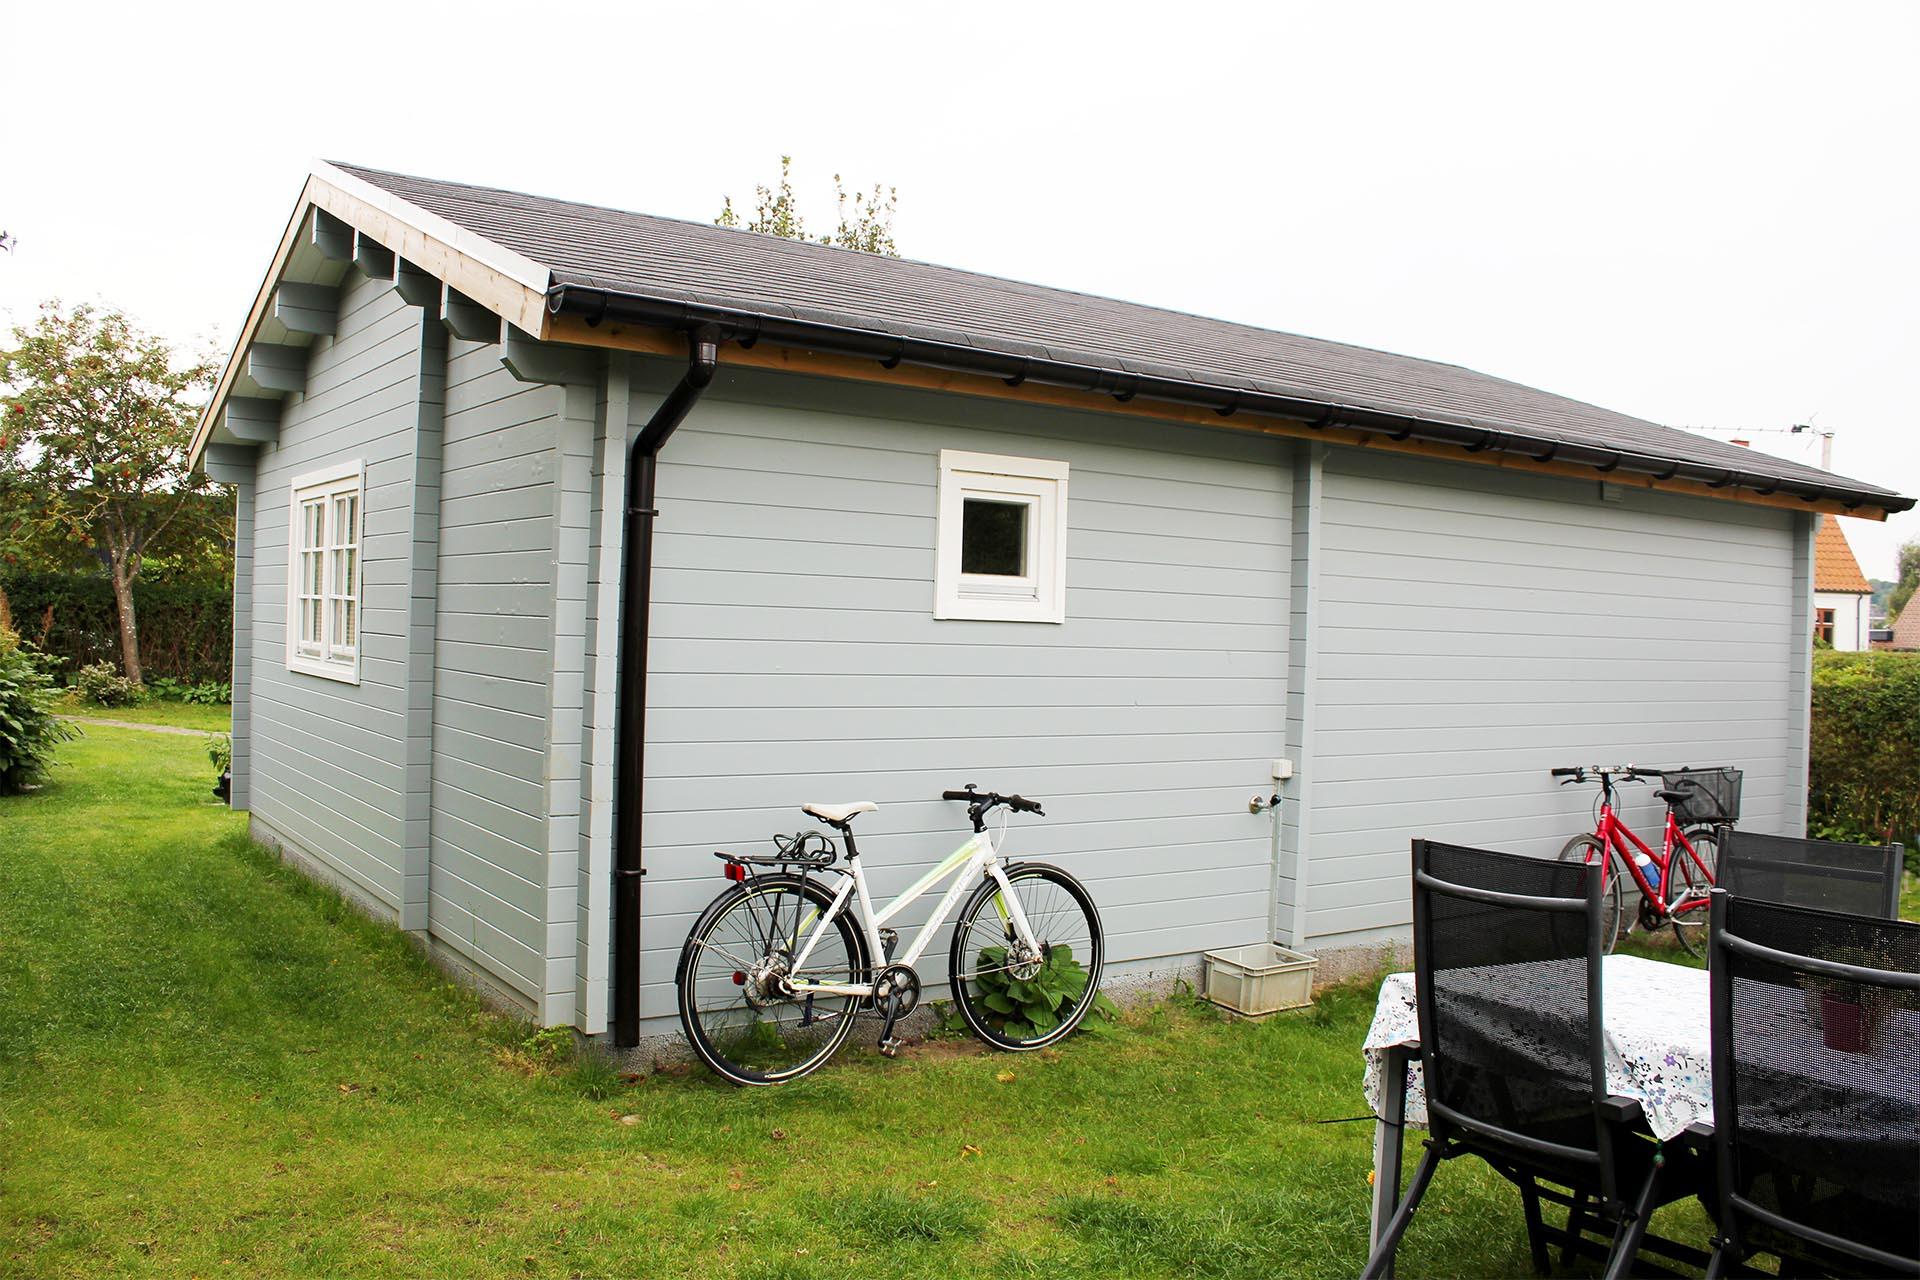 43,7 m2 Annelise bjælkehus set fra bagsiden. huset er fra sølundhuse billede er fra en kunde i Viby